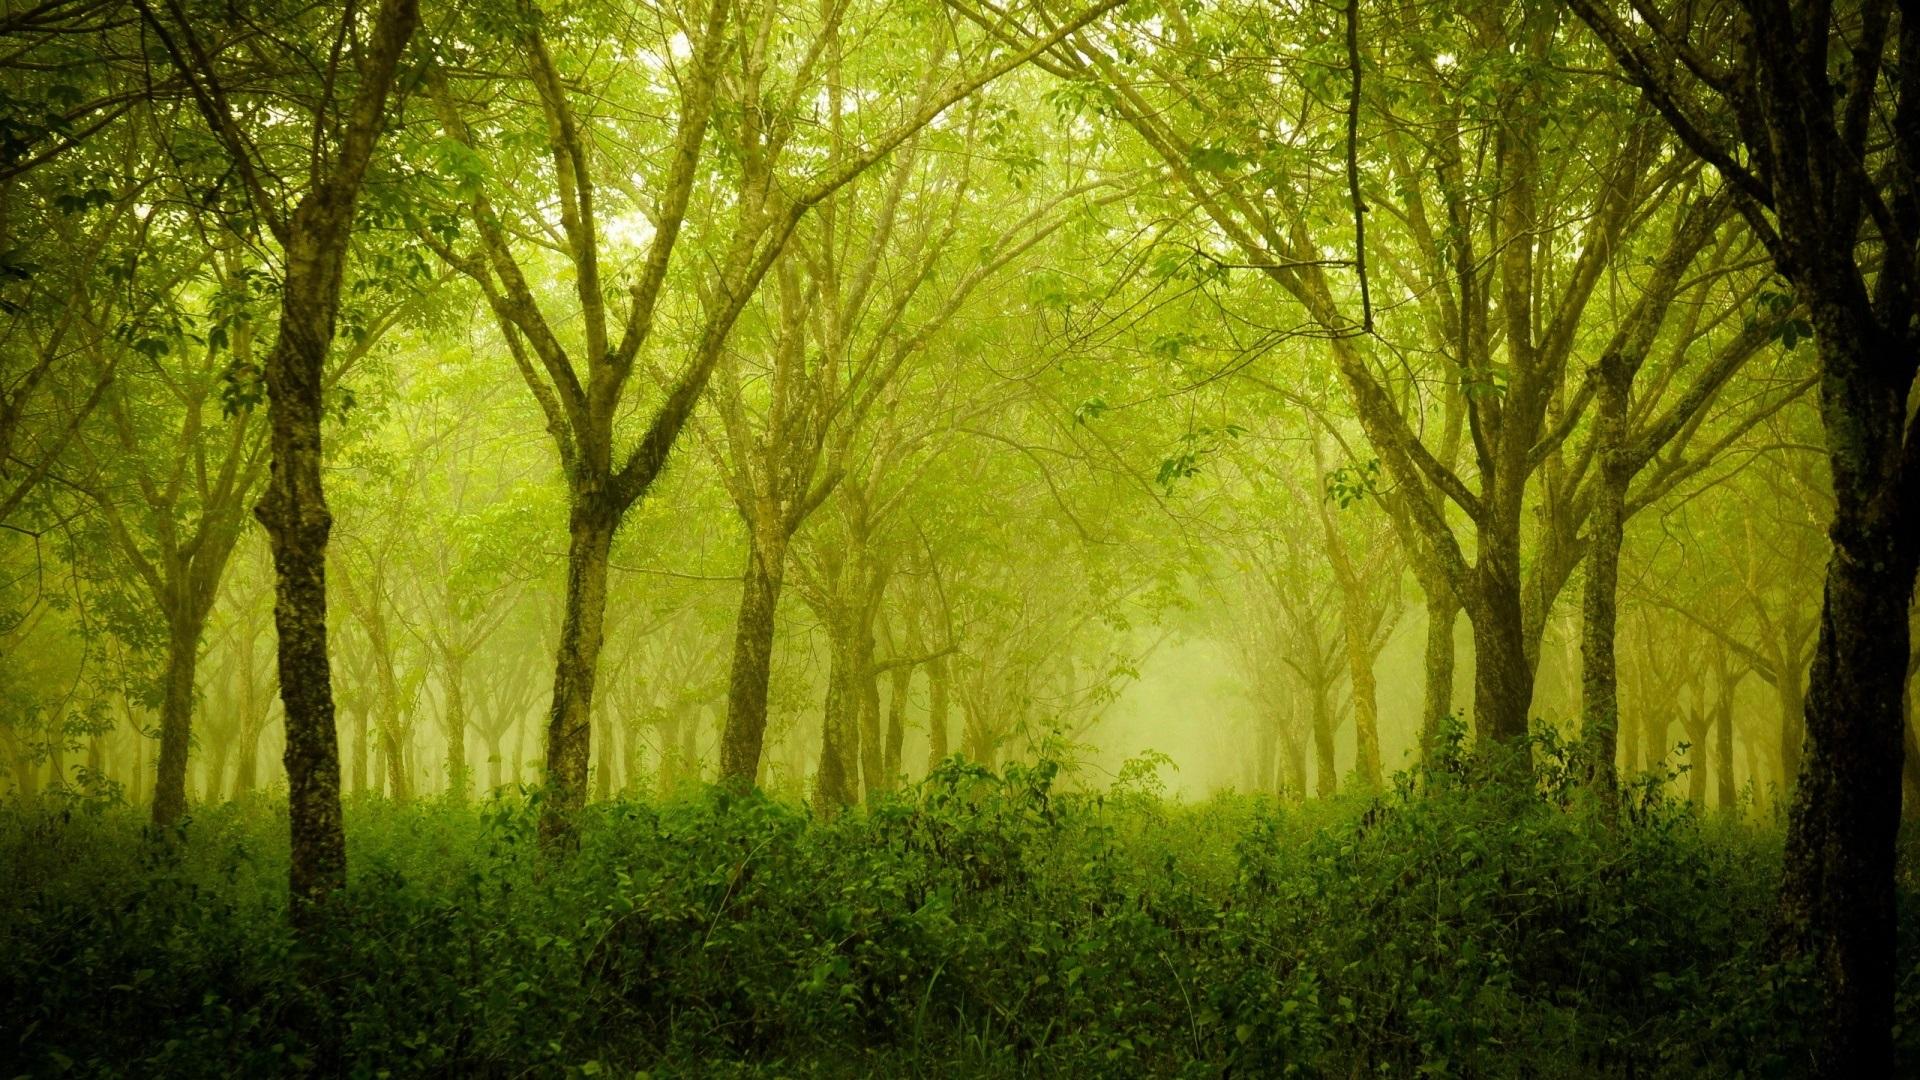 壁紙 霧の森 緑 木 1920x1080 Full Hd 2k 無料のデスクトップの背景